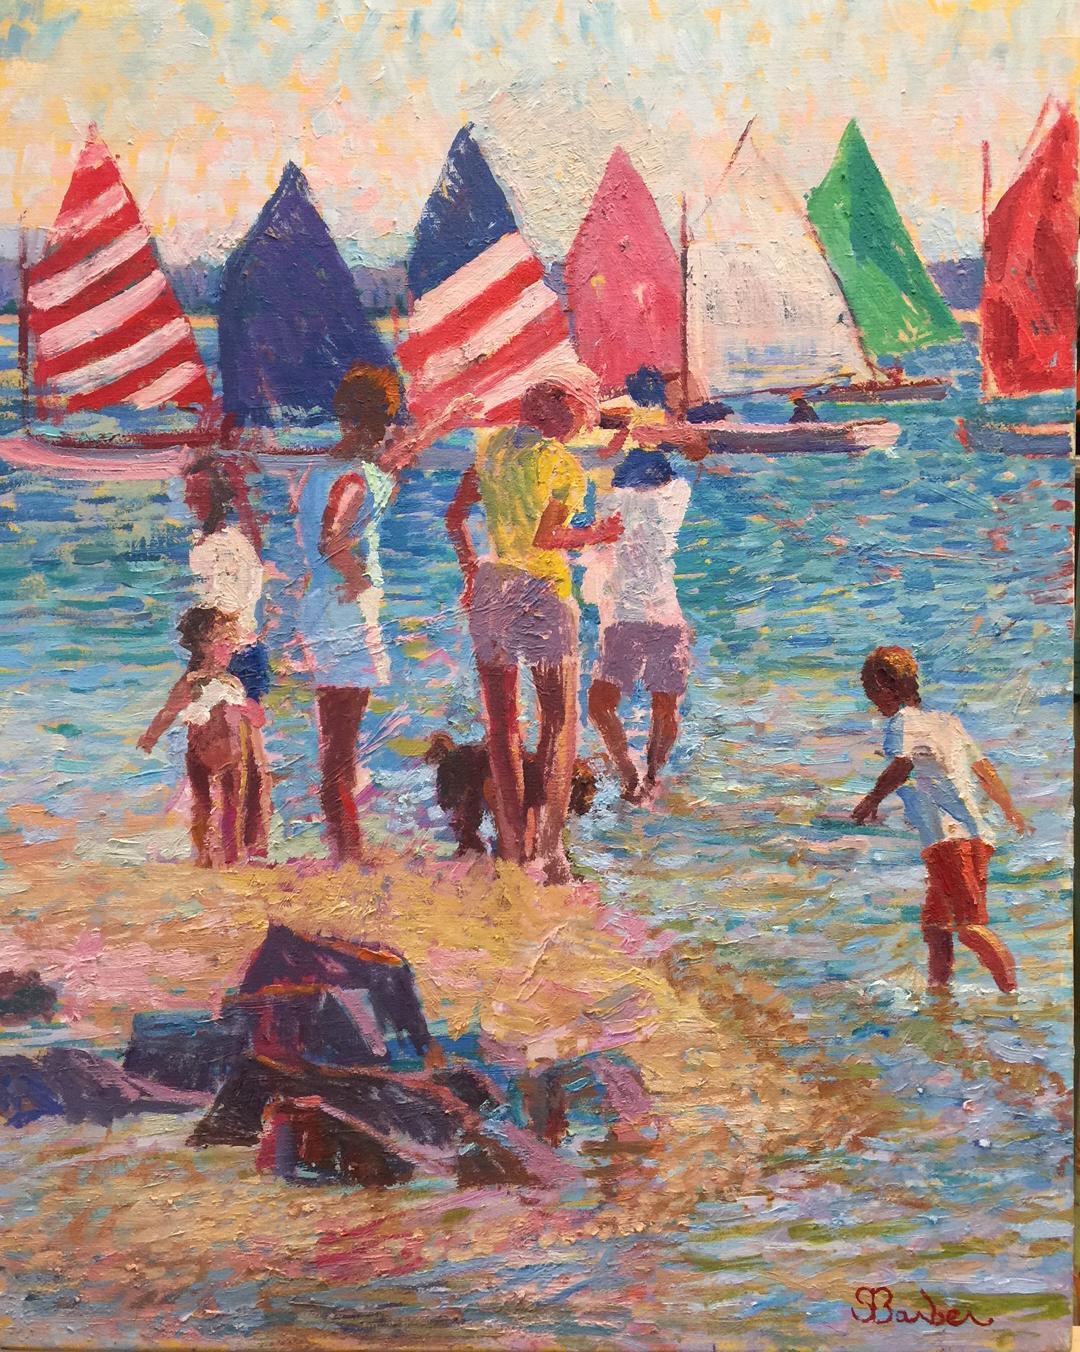 Rainbow Fleet, Nantucket  | 24 x 30  | Oil on canvas